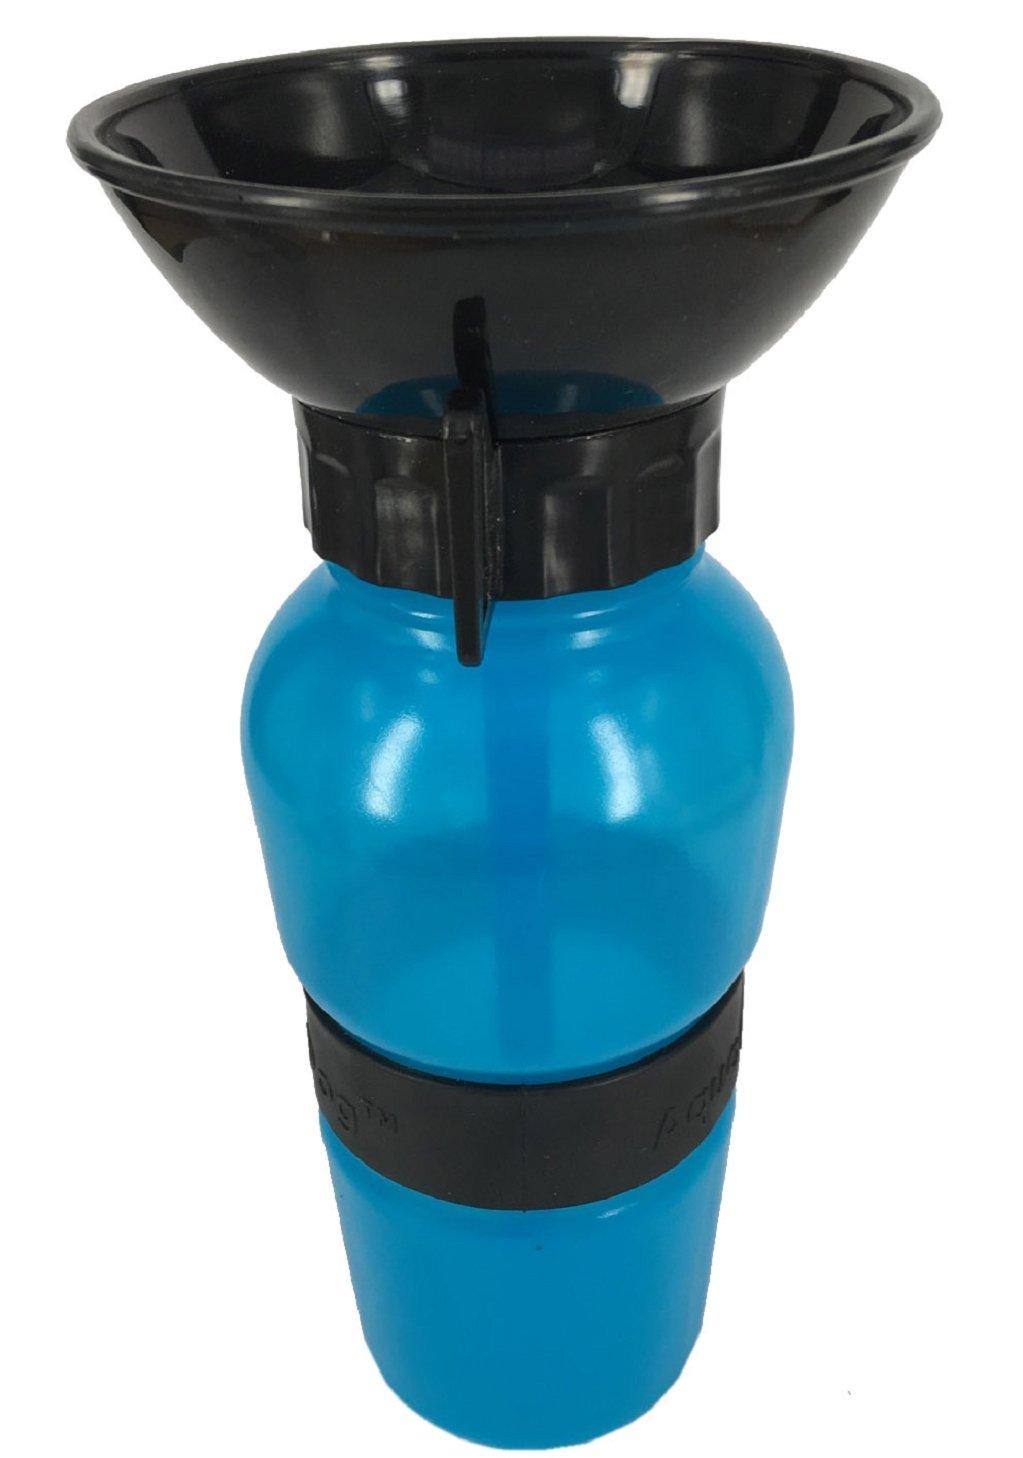 Tuopuda Botellas de Agua Para Perros Portatil Dispensador de Agua Para Mascotas Bebedero Botella Perro Para Viaje: Amazon.es: Hogar